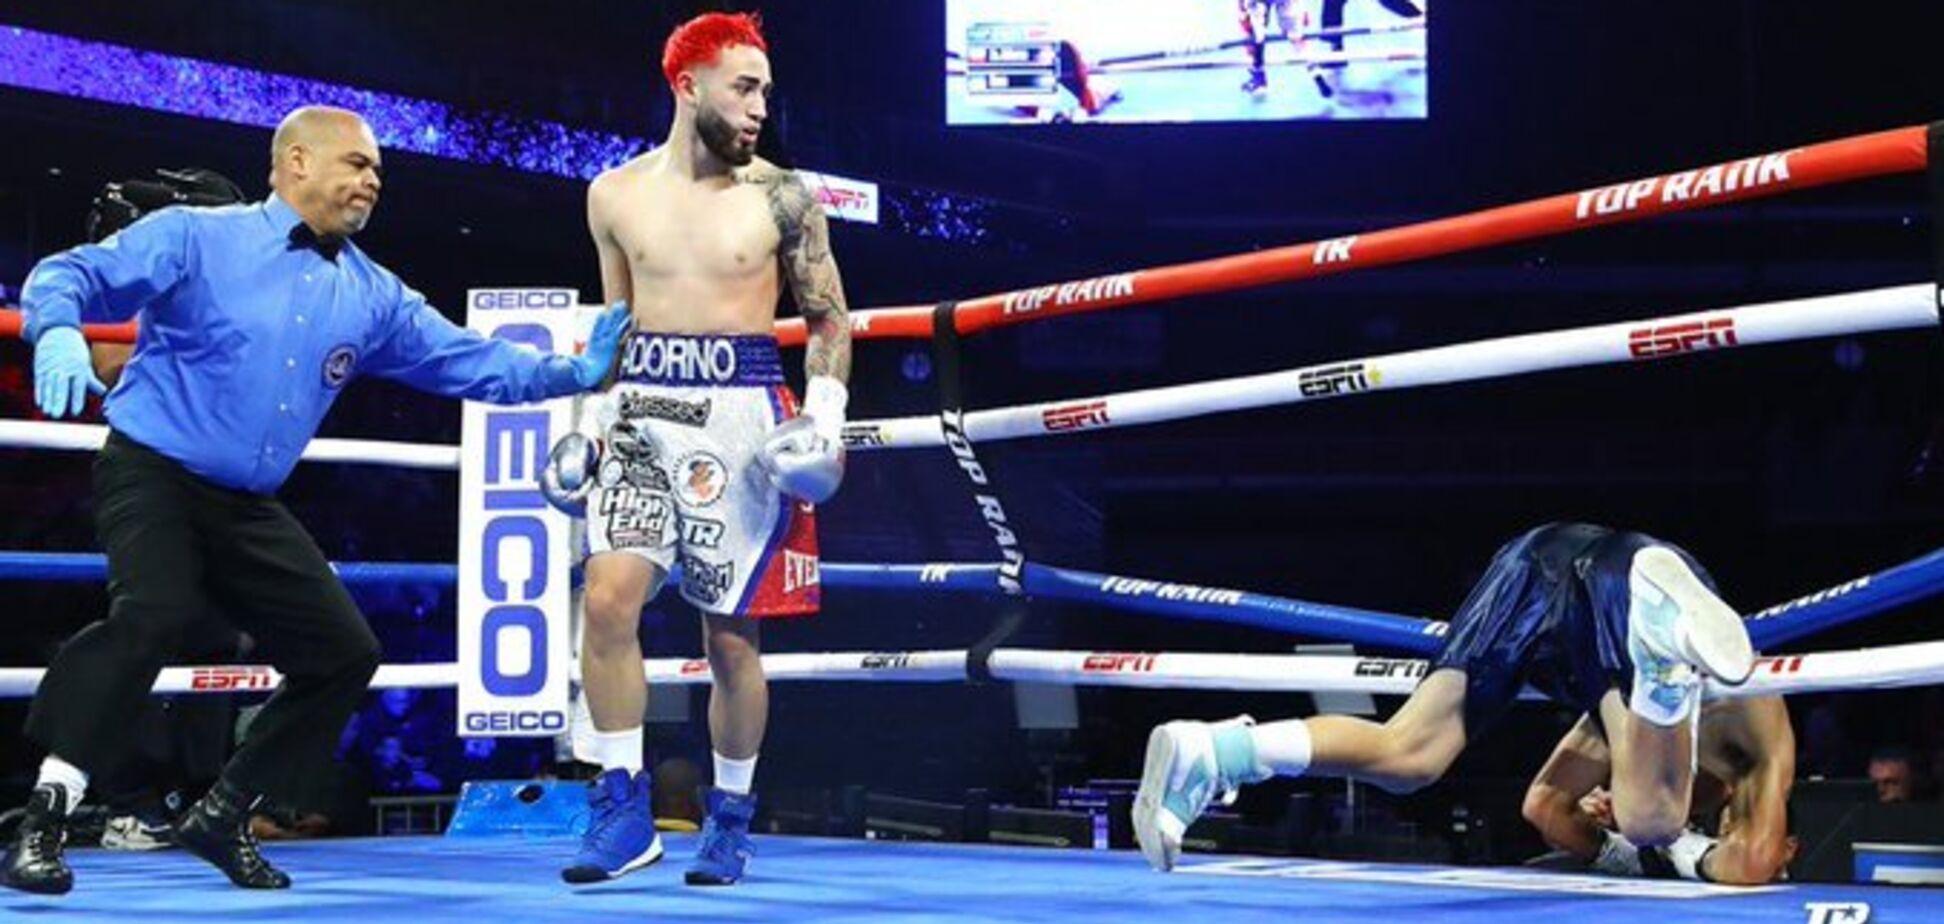 Непереможний боксер нокаутом повісив суперника на канати - опубліковано відео